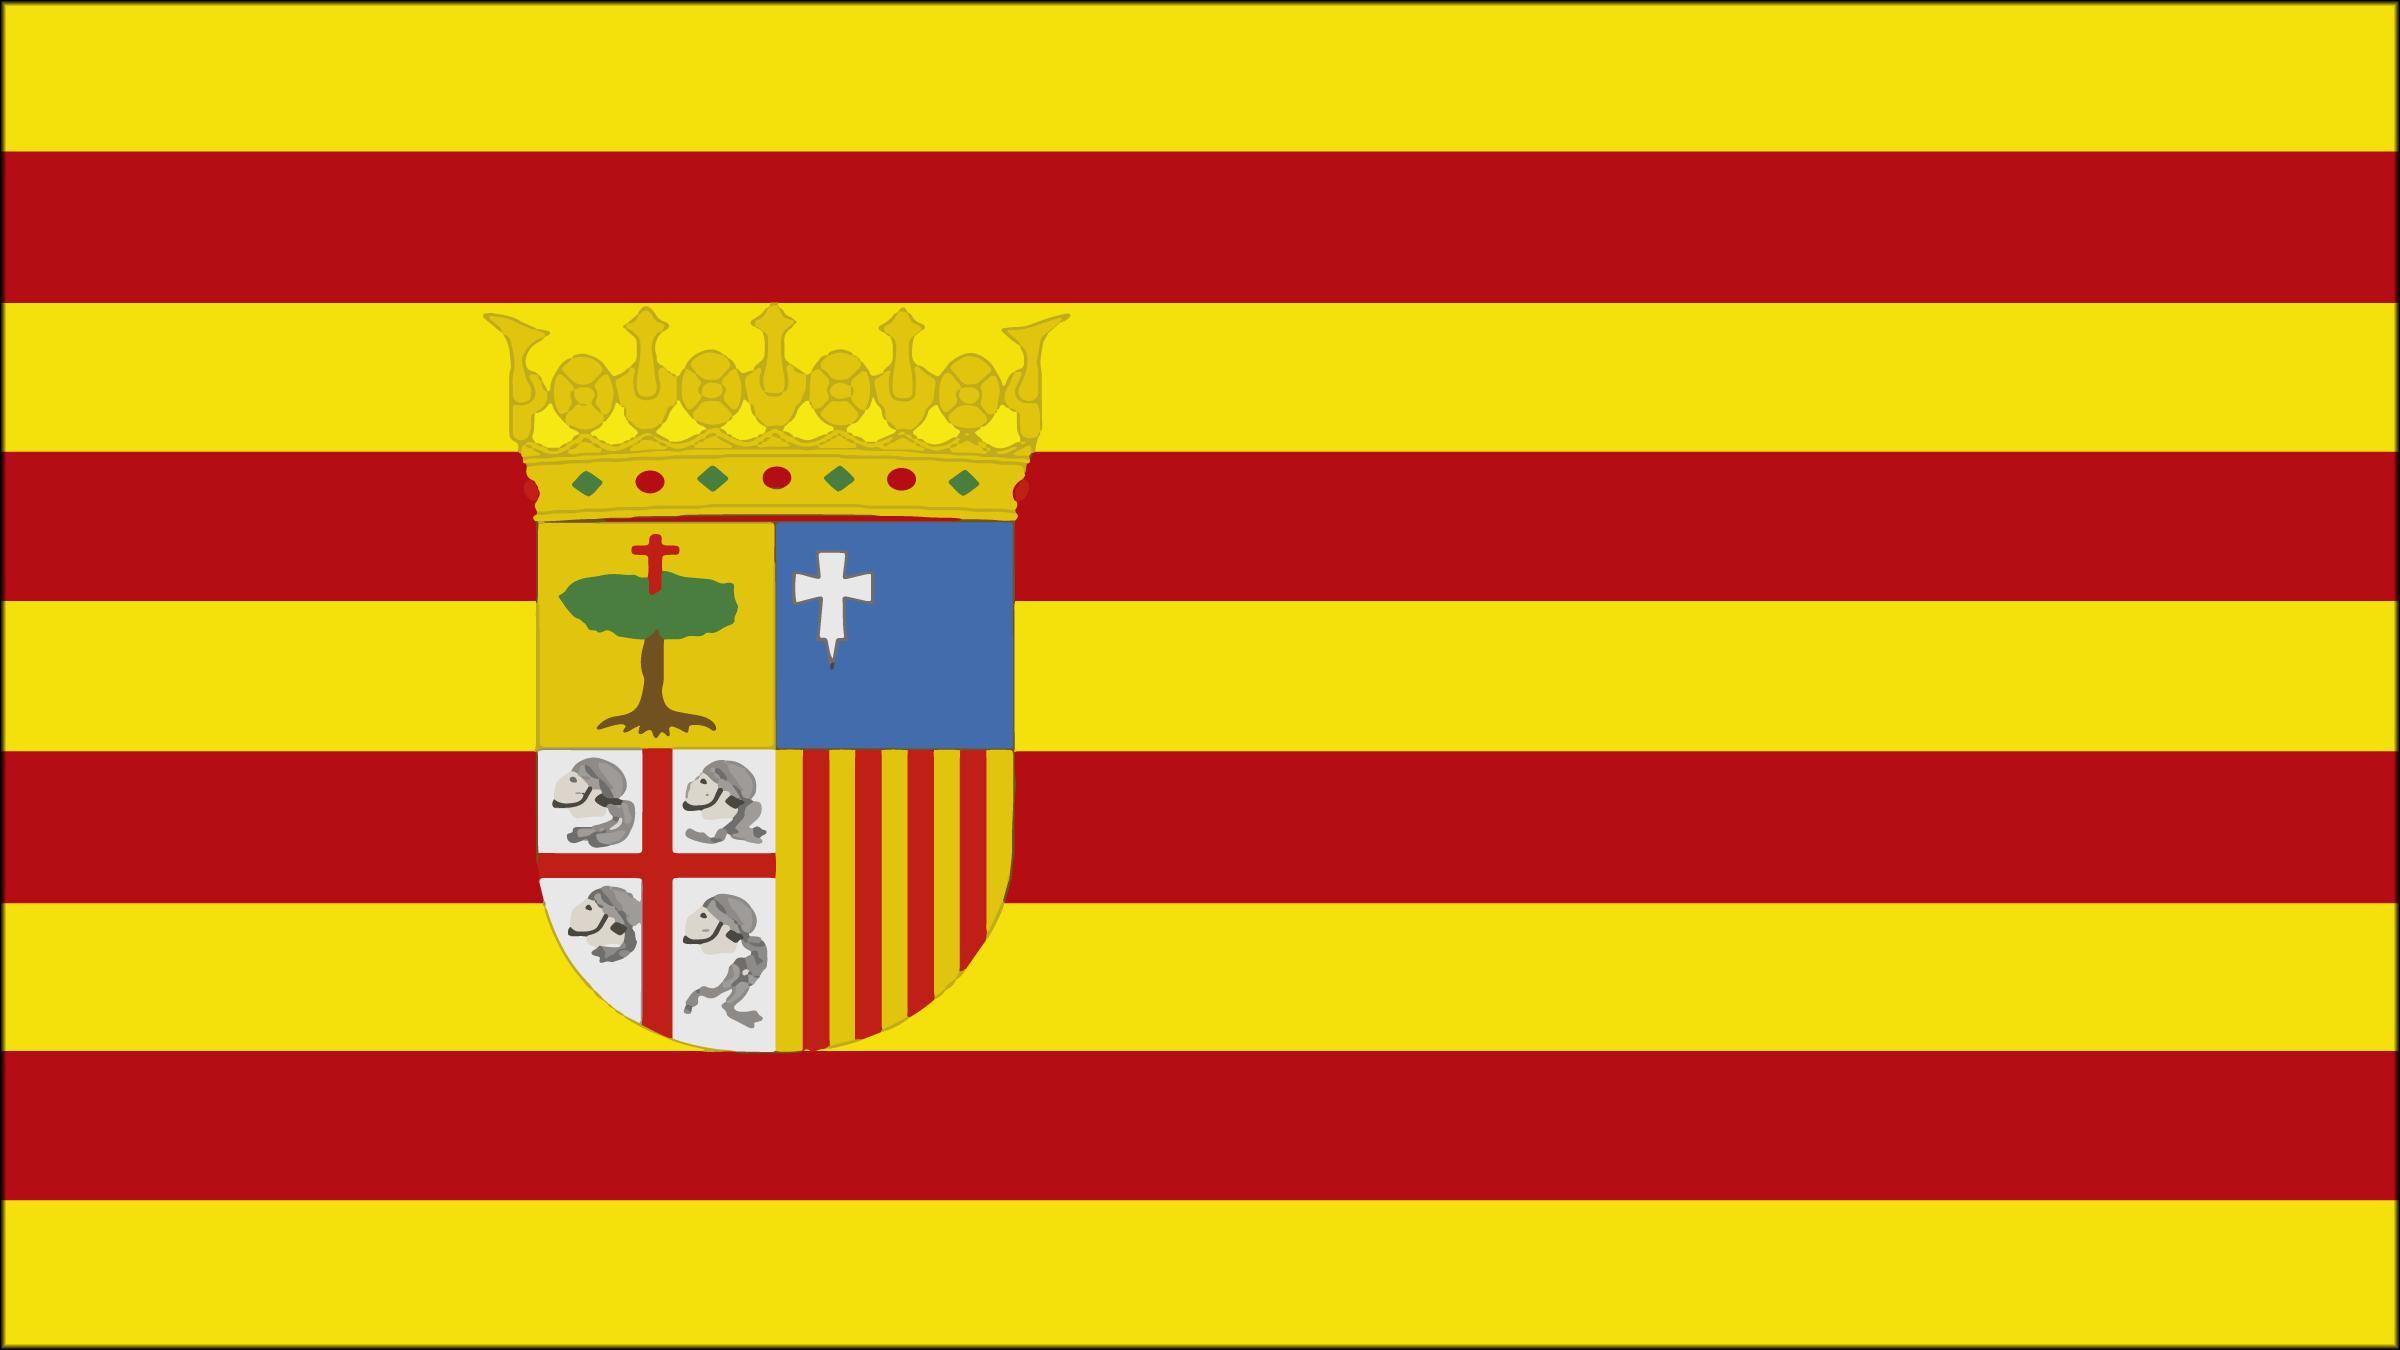 Los colores de la bandera de Ceuta